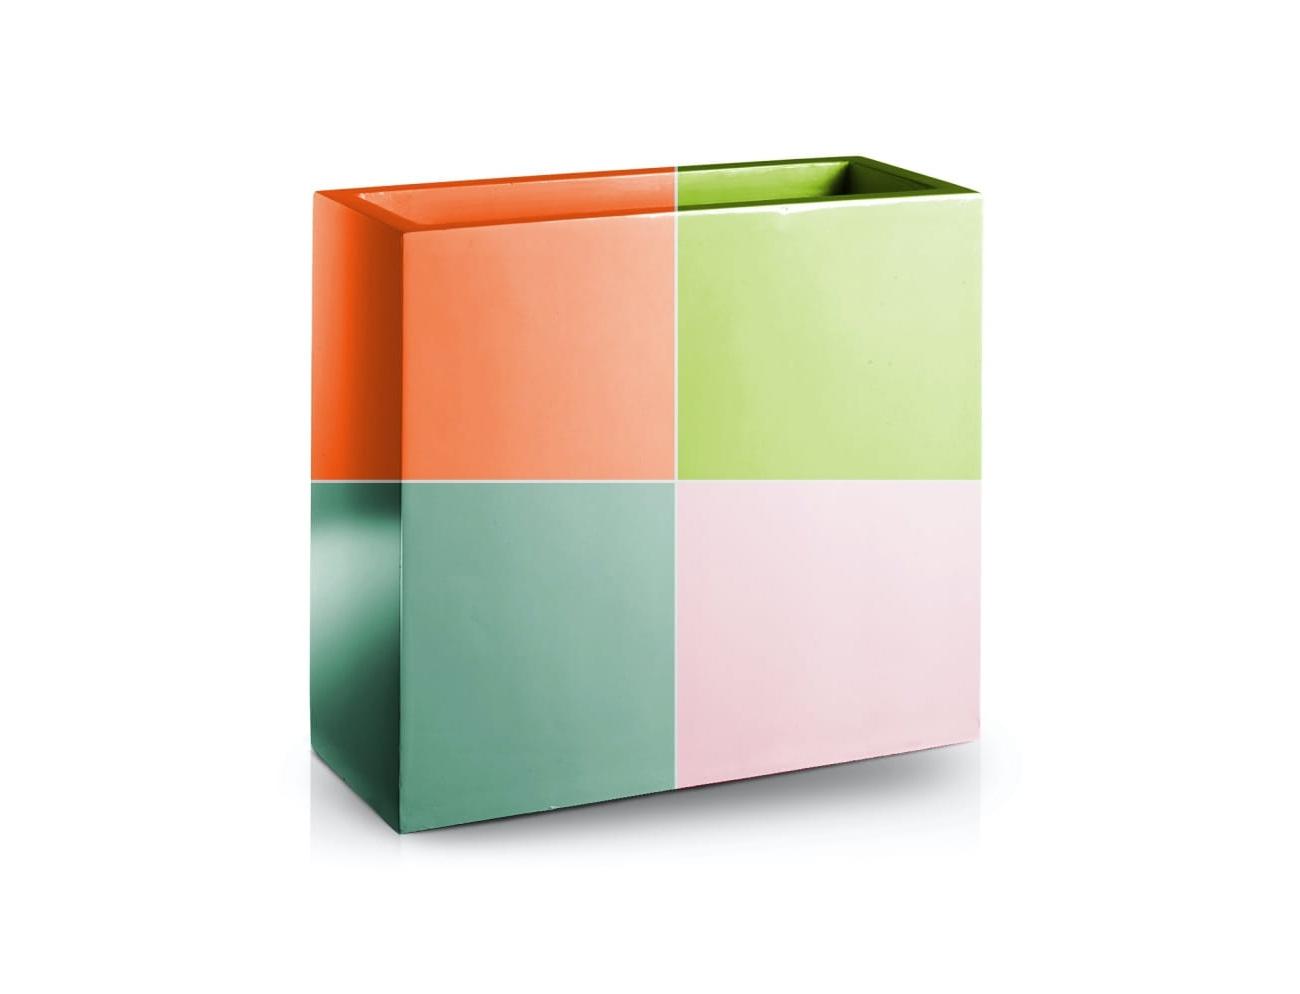 Donica Fiberglass 50x20x50 cm kolor na zamówienie